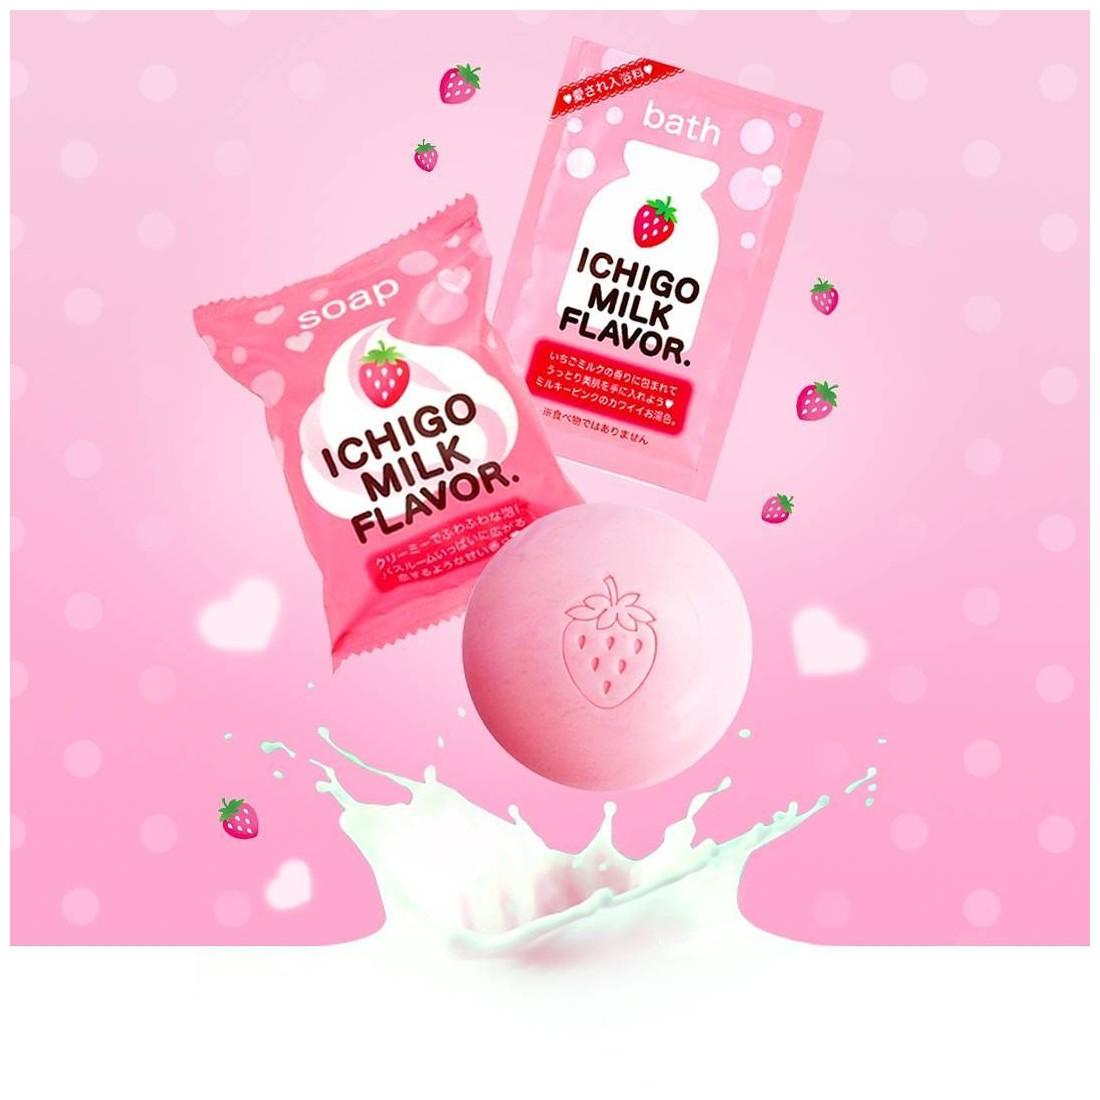 Xà phòng tắm chiết xuất từ sữa,dâu tây 80g nhập khẩu nhật bản,giá rẻ